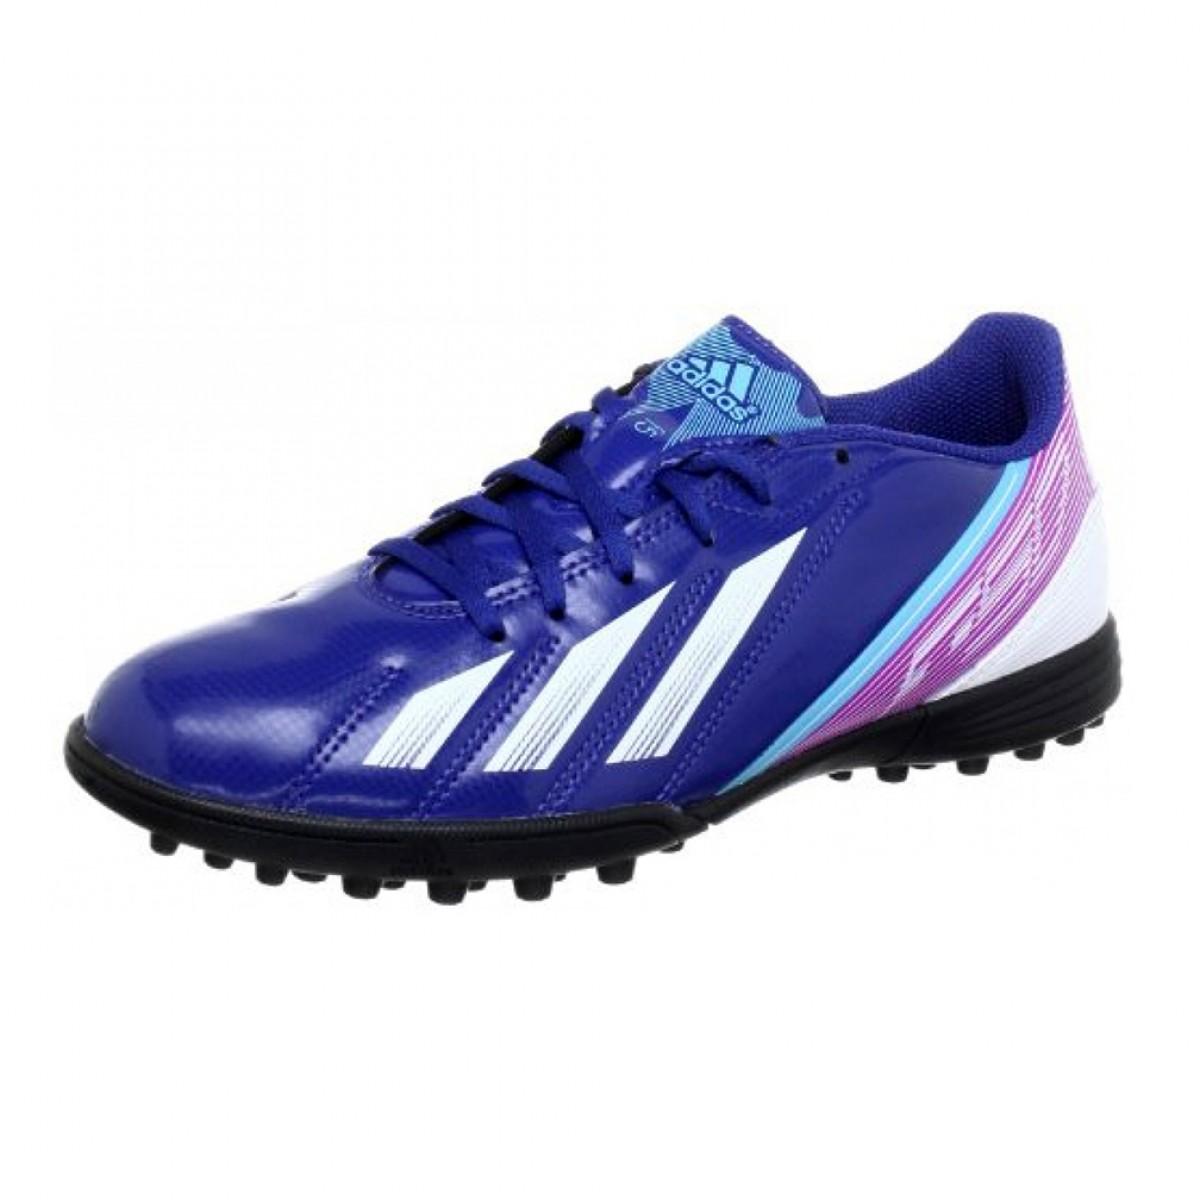 0c8f1465f3 Chuteira Society Adidas F5 TRX TF Masculina Roxa - Compre Agora ...